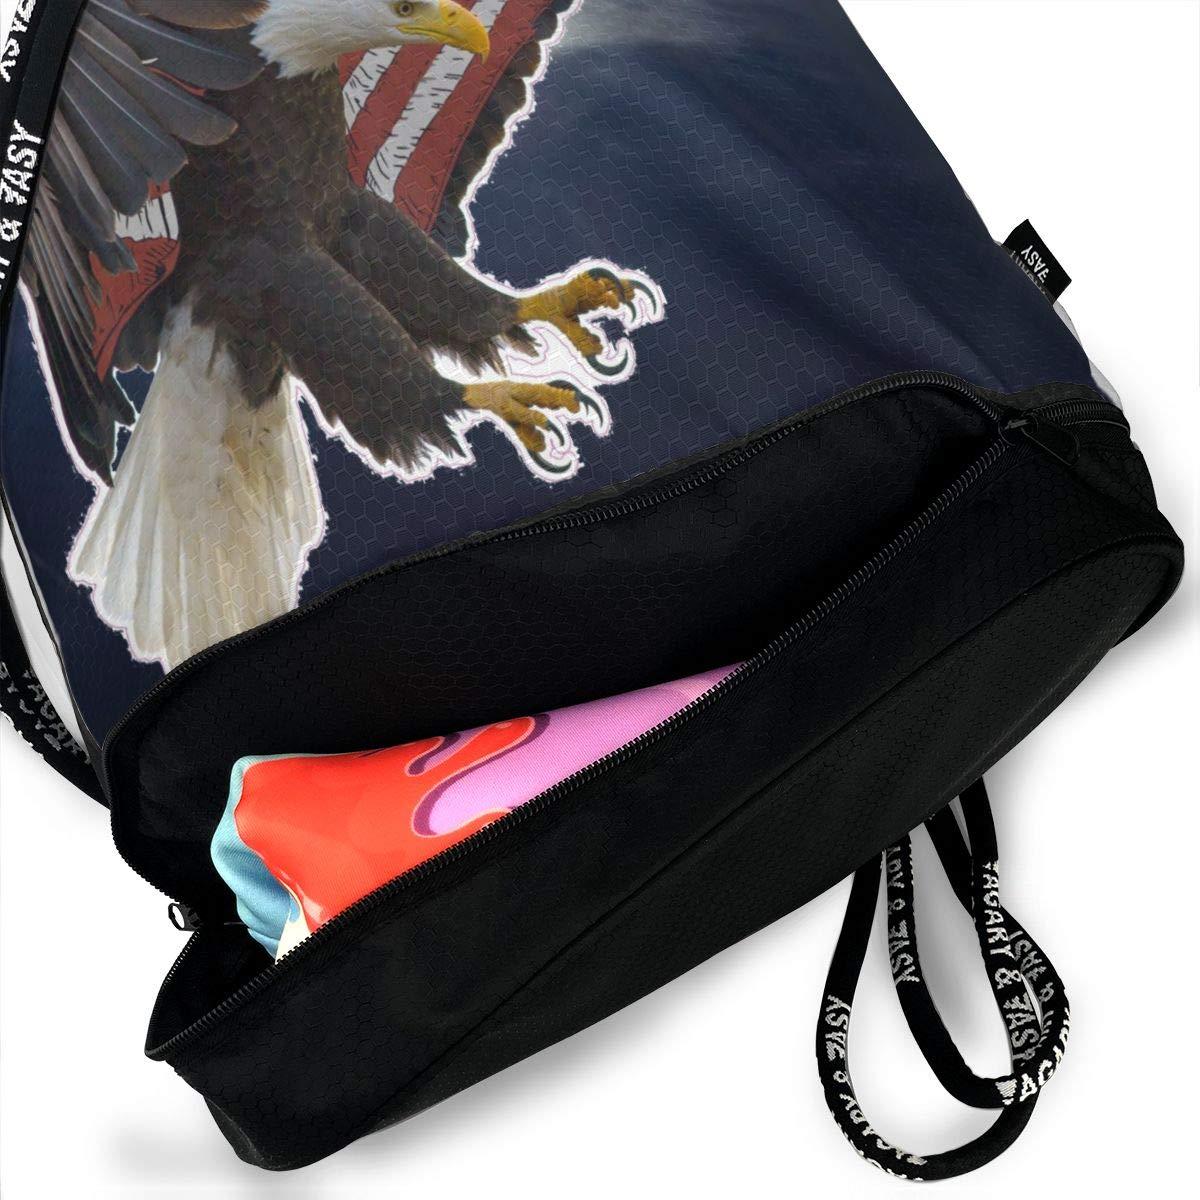 American Eagle Flag Multifunctional Bundle Backpack Shoulder Bag For Men And Women